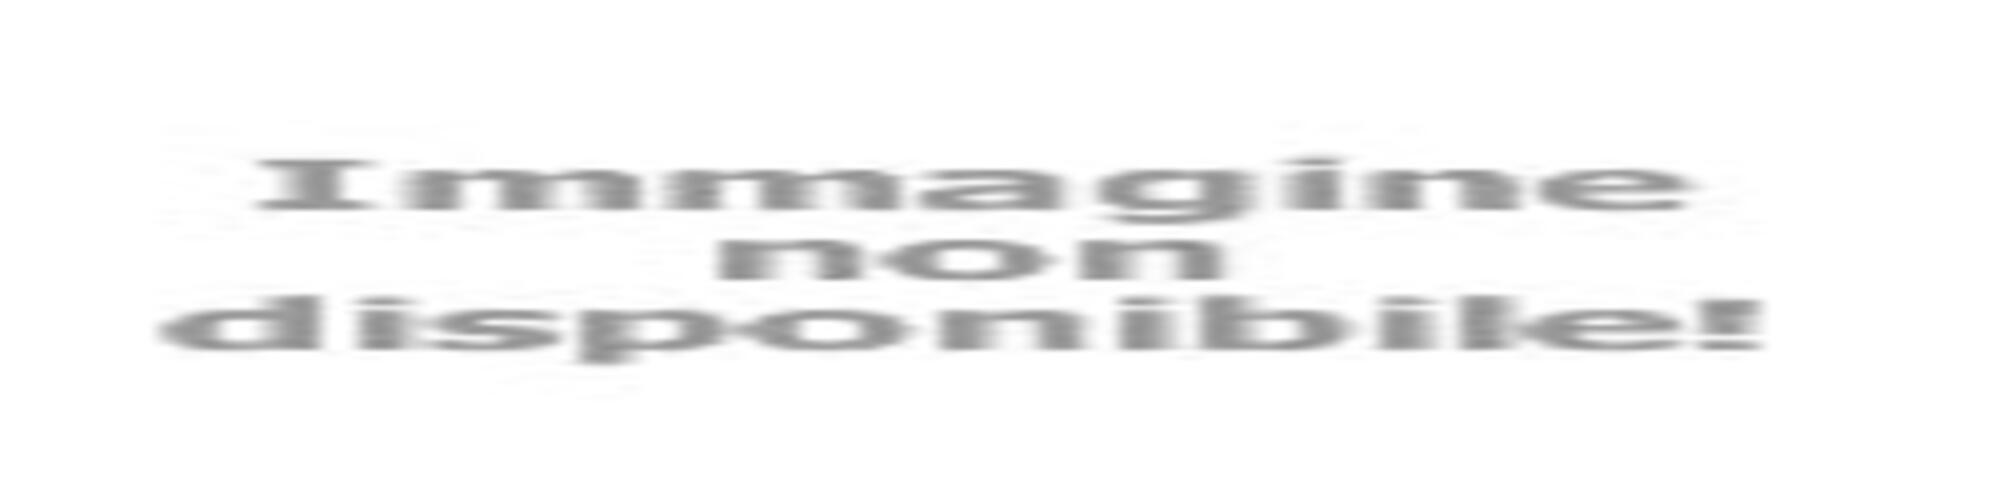 Vacanze di Agosto a Ischia: hotel 4 stelle con piscine termali